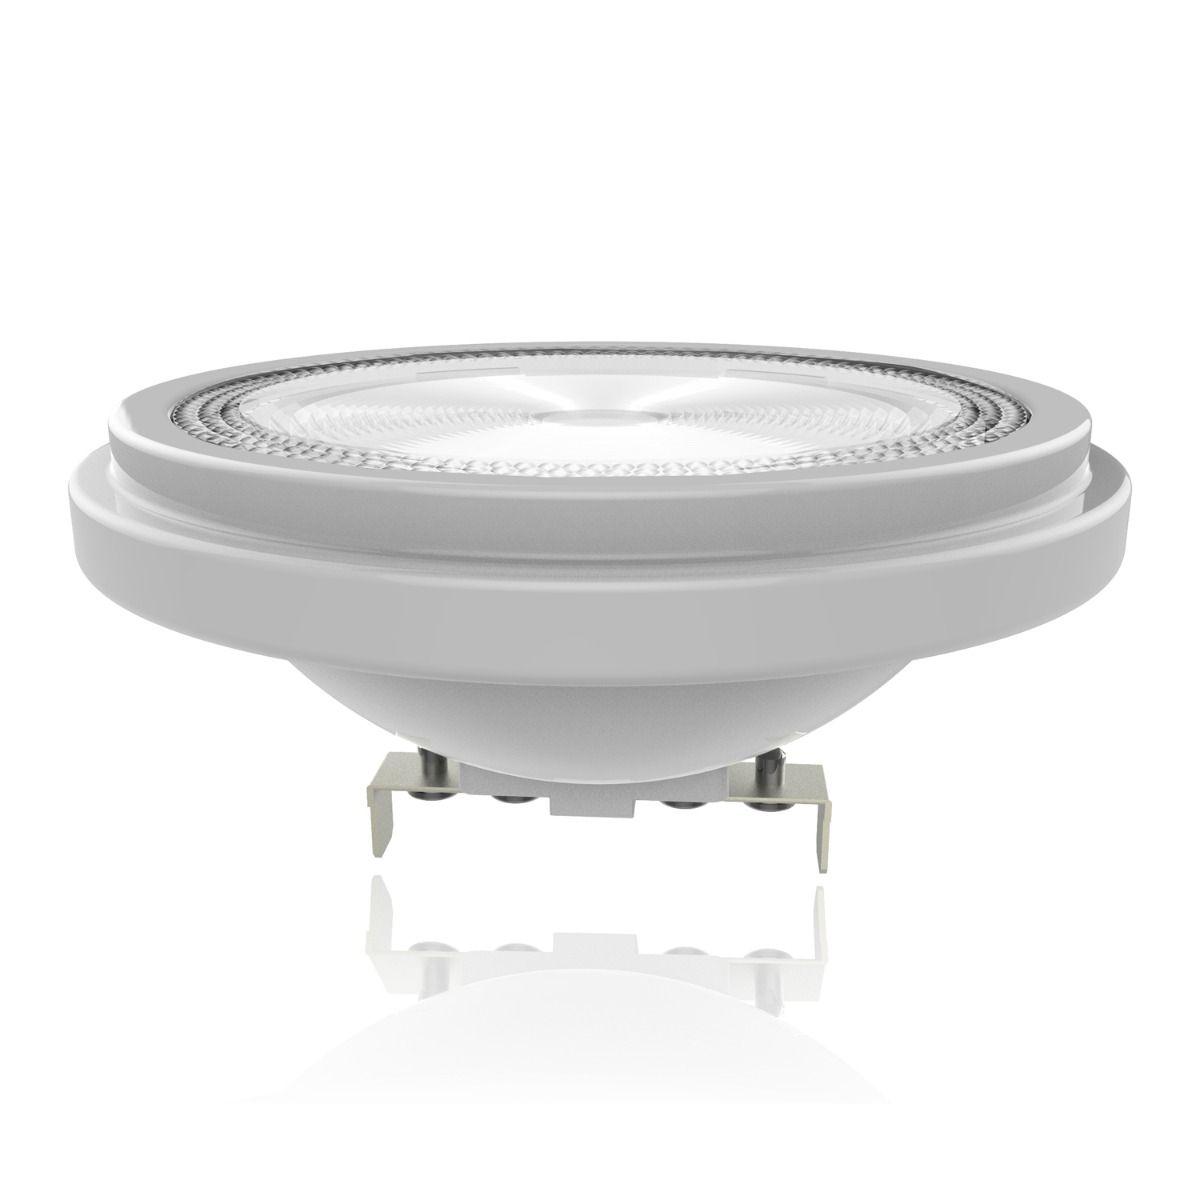 Noxion Lucent Spot LED AR111 G53 12V 13.3W 927 40D | Dimmable - Meilleur rendu des couleurs - Substitut 100W